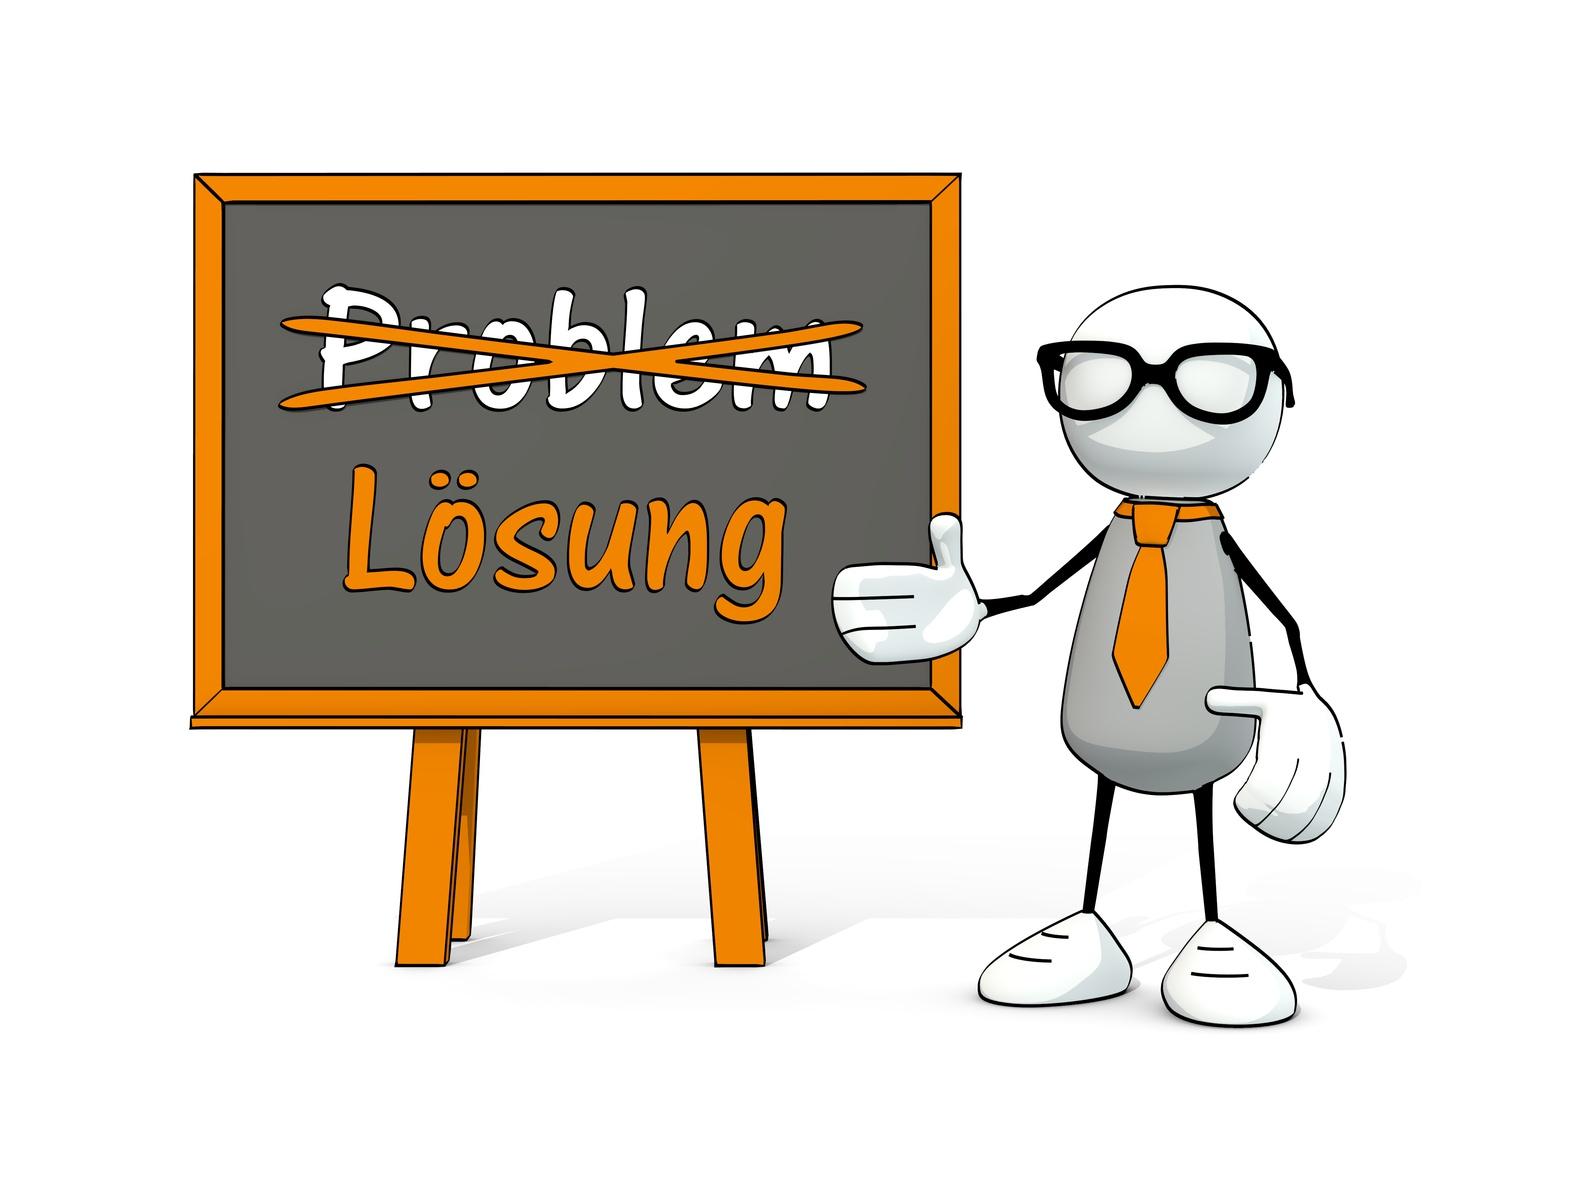 Wir finden für Ihr Problem eine schnelle Lösung